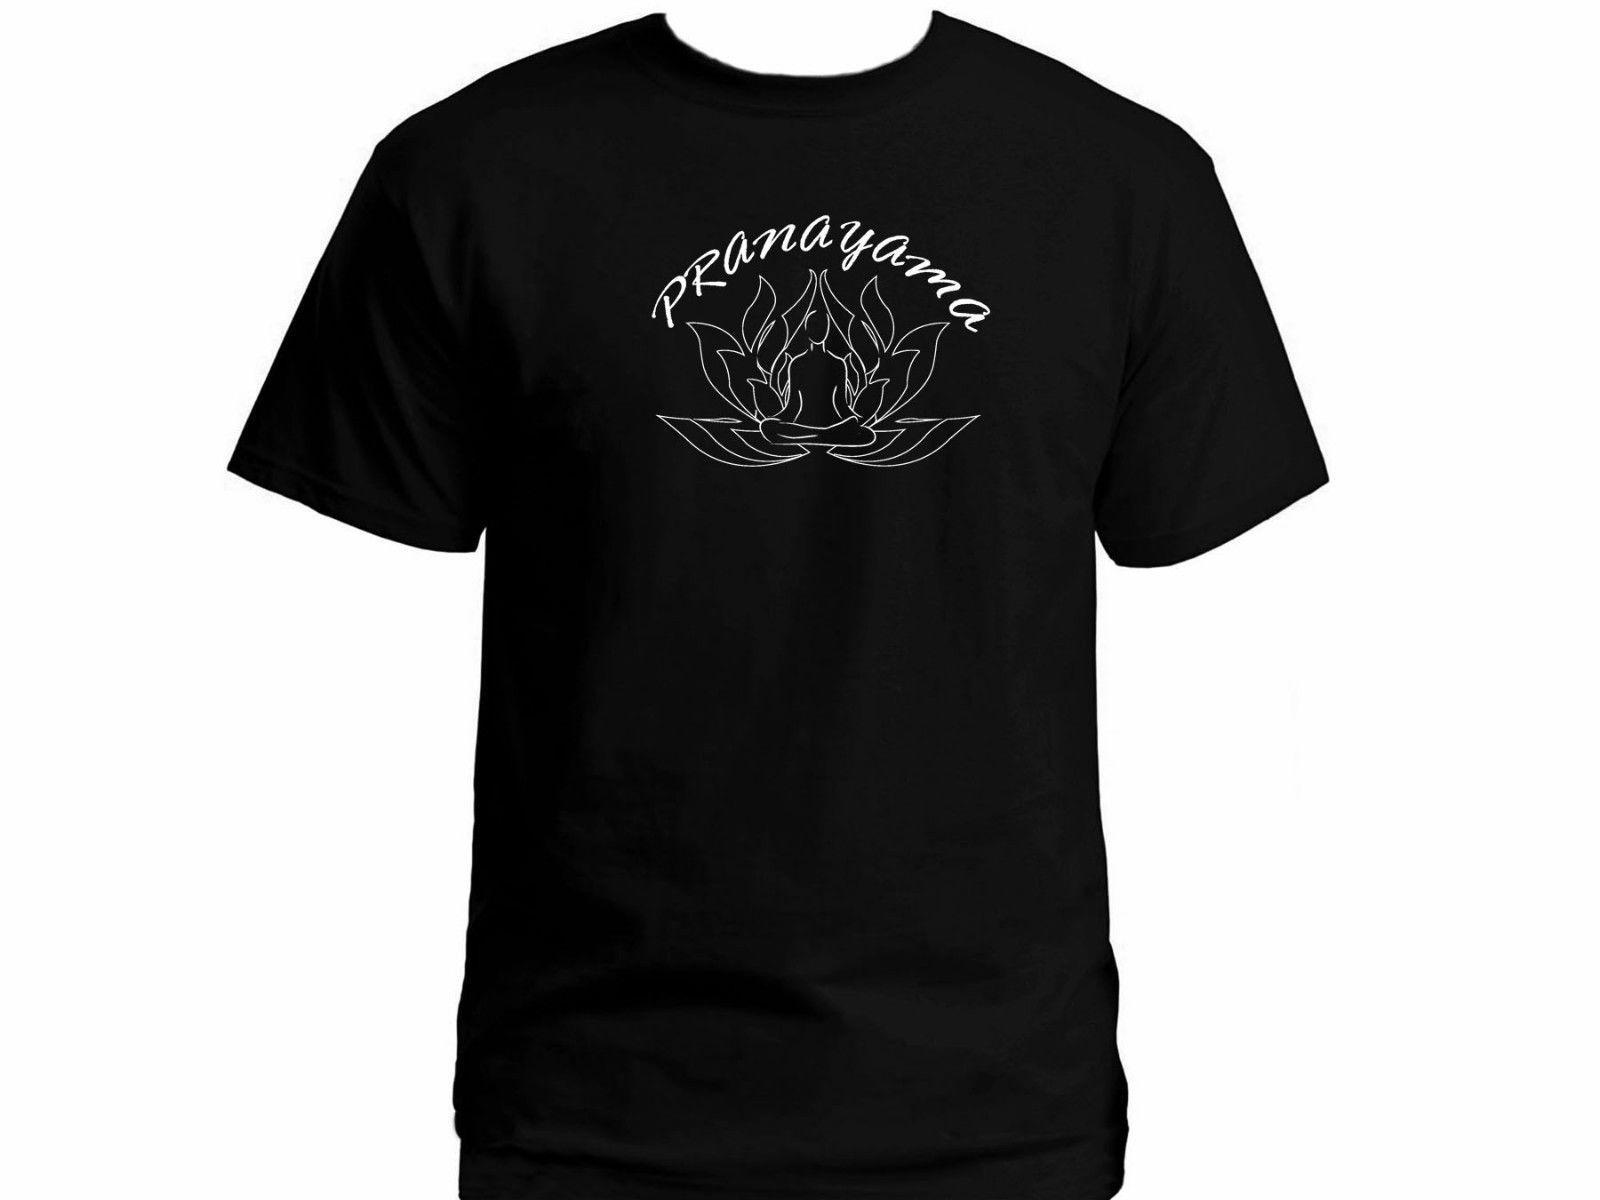 2019 méditation pranayama esprit design Lotus art nouveau t-shirt noir pour homme XXL